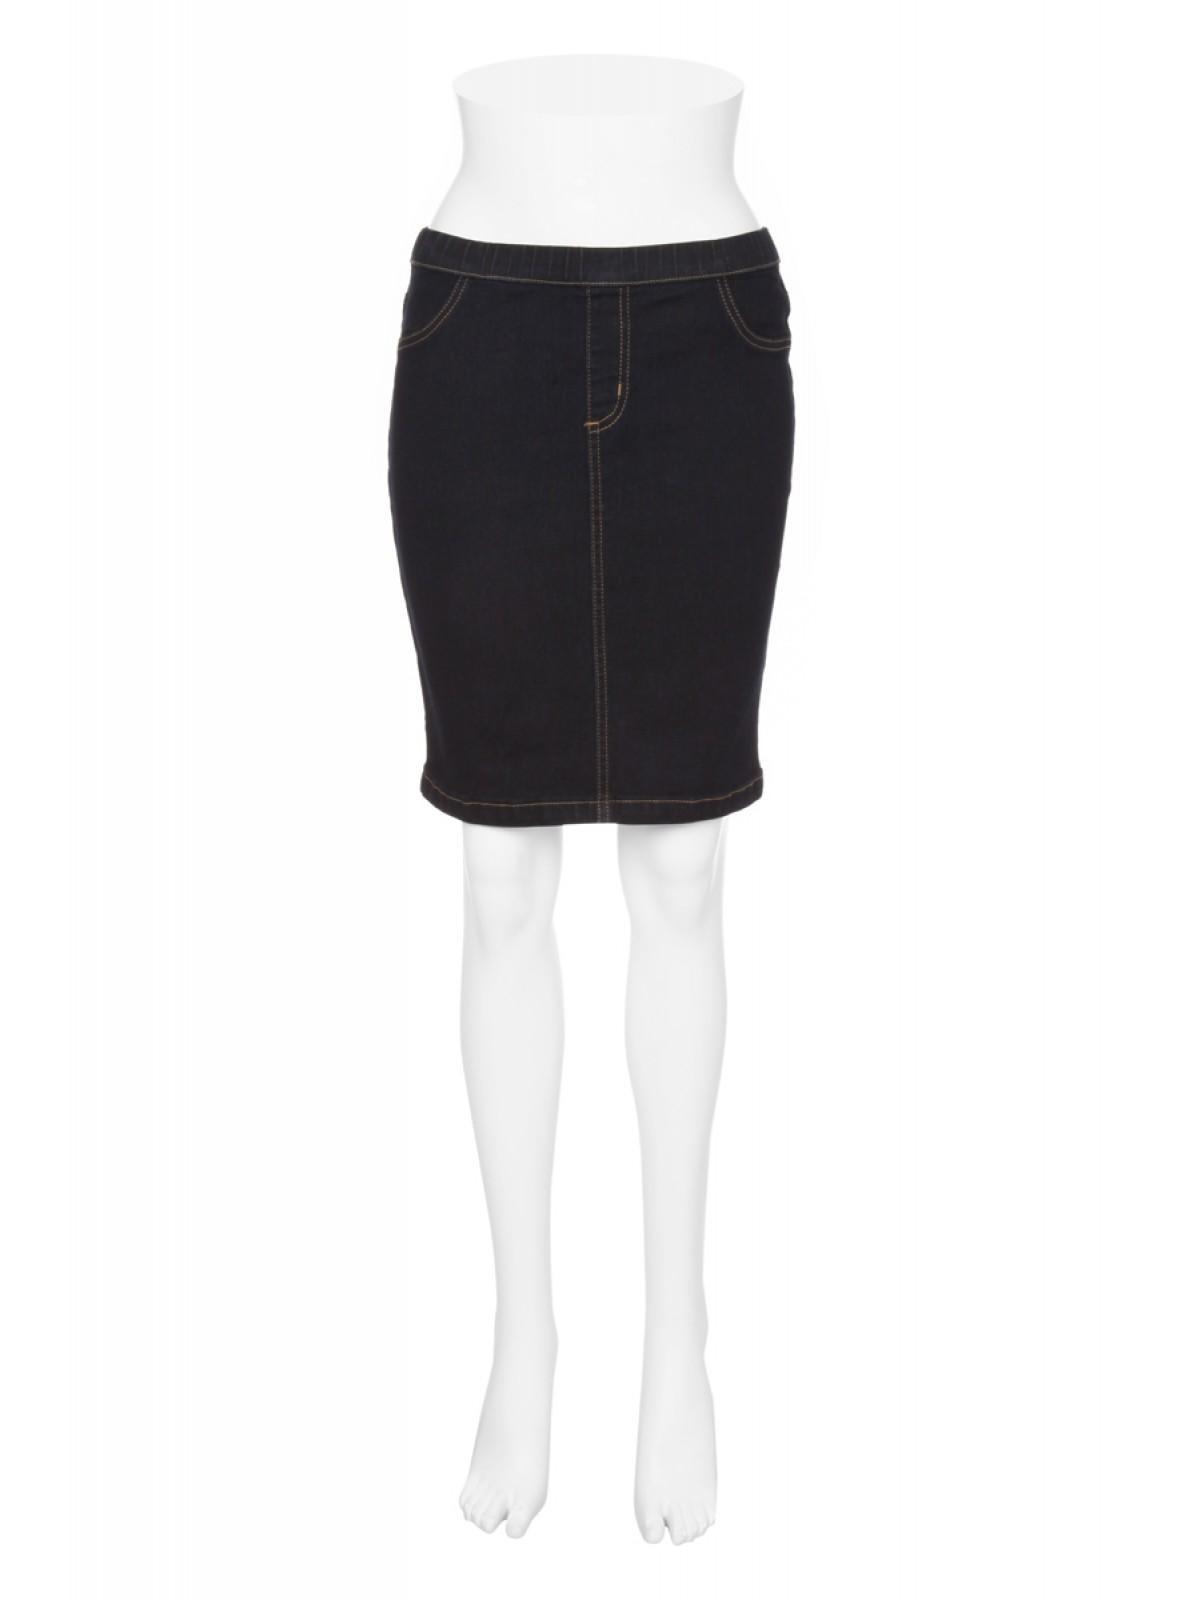 Womens Pull On Denim Skirt | Peacocks